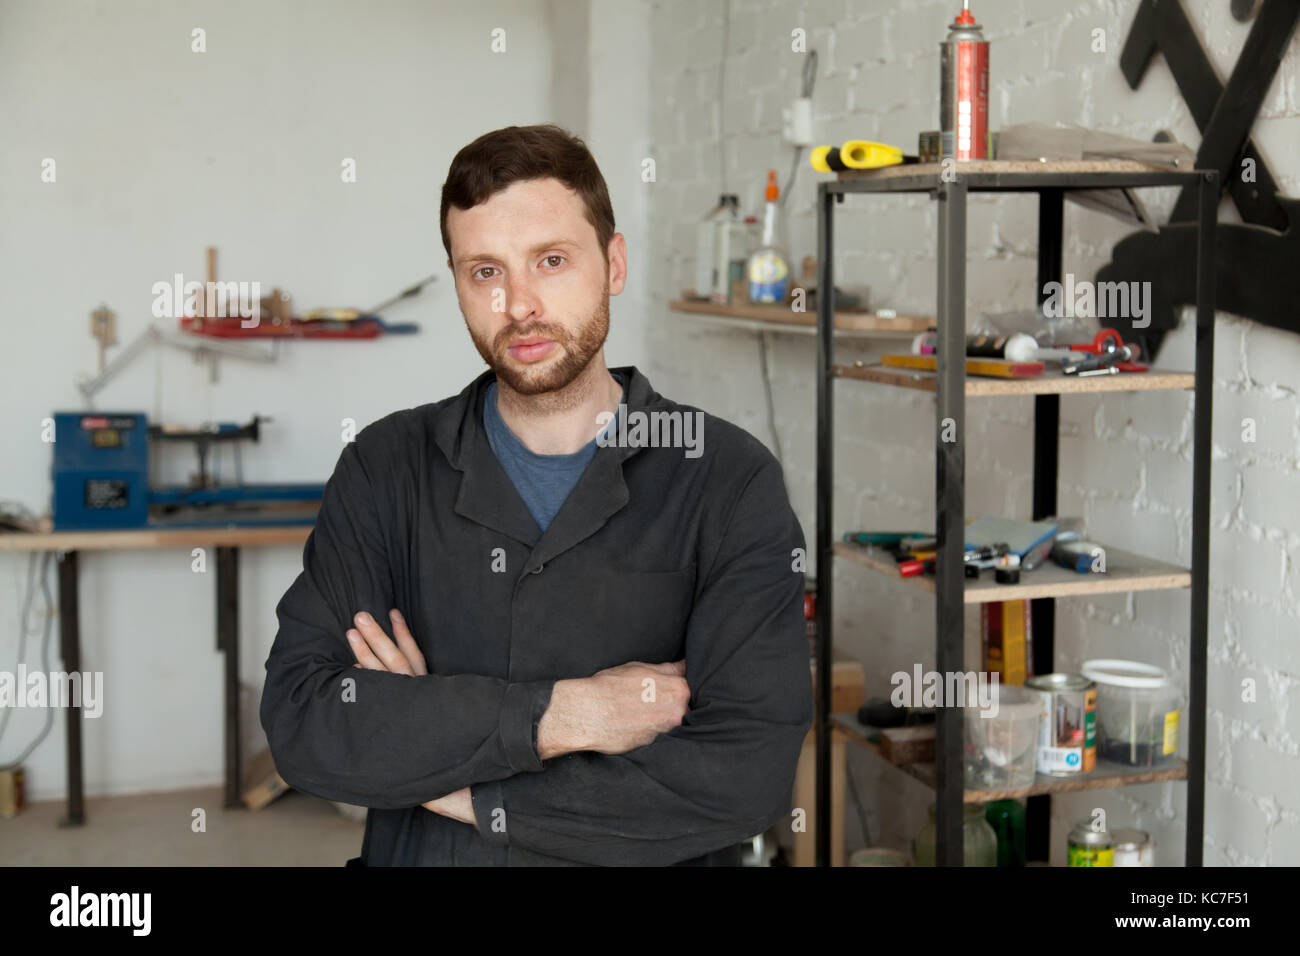 Porträt von Ernst junge Handwerker stehen in der eigenen Werkstatt inte Stockbild